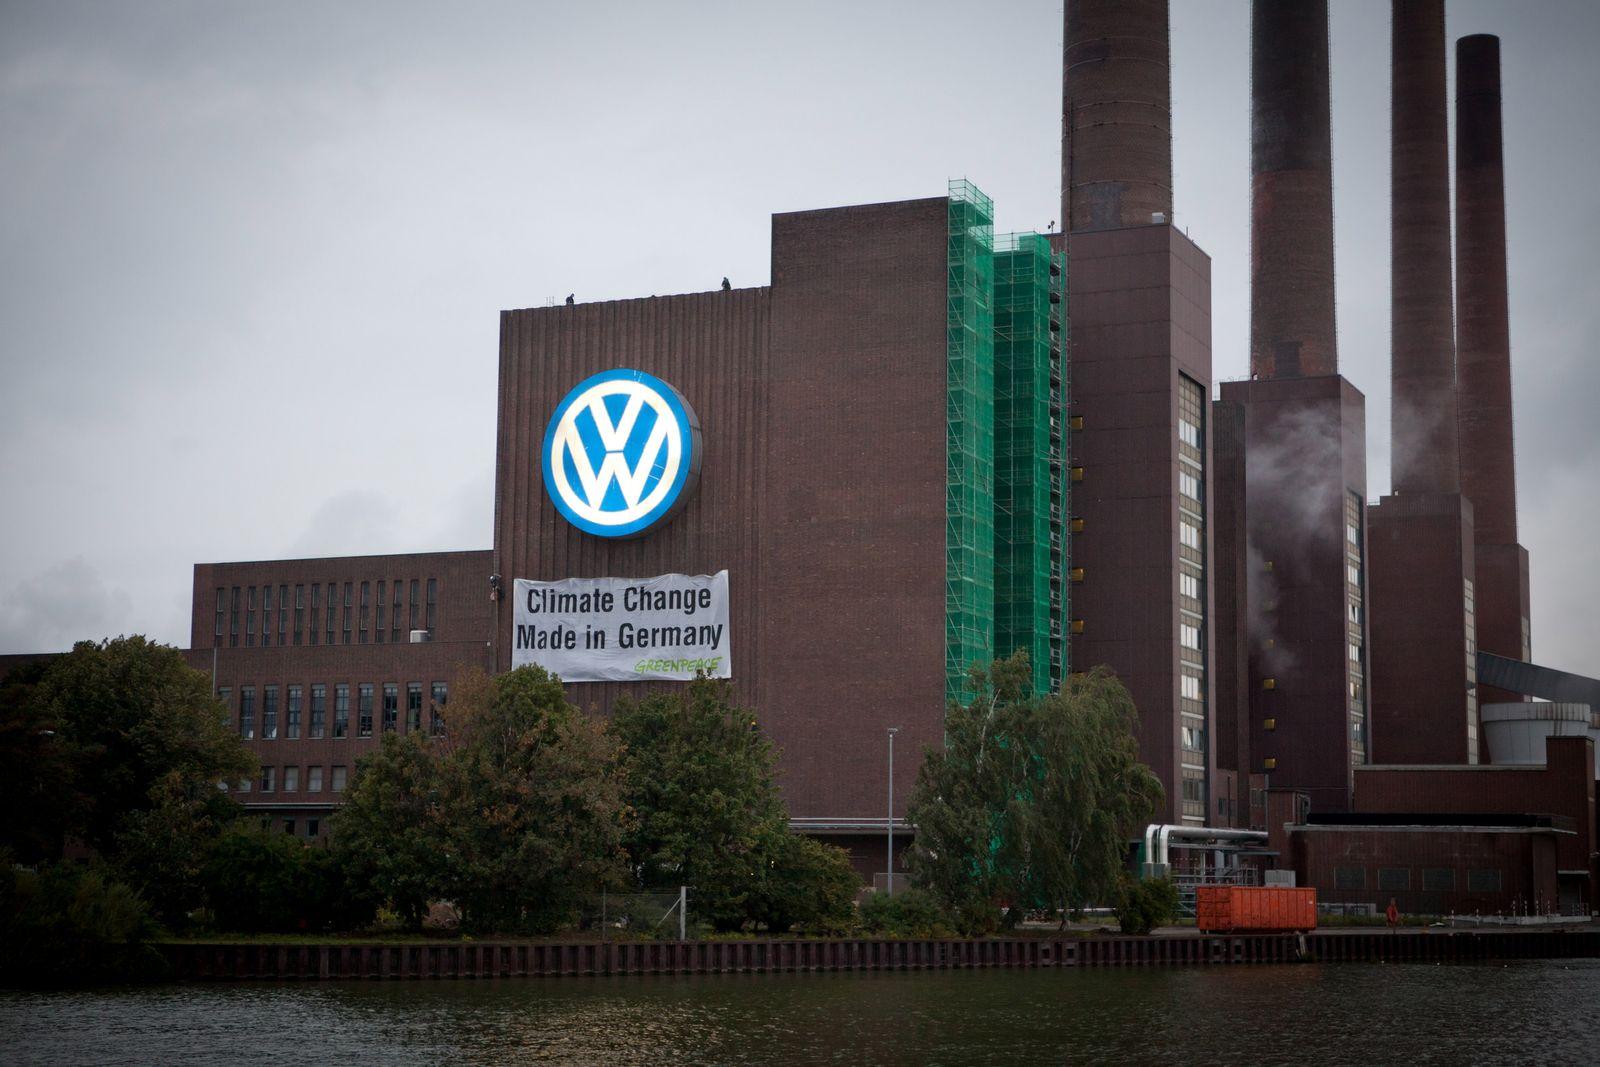 NICHT VERWENDEN Greenpeace / VW